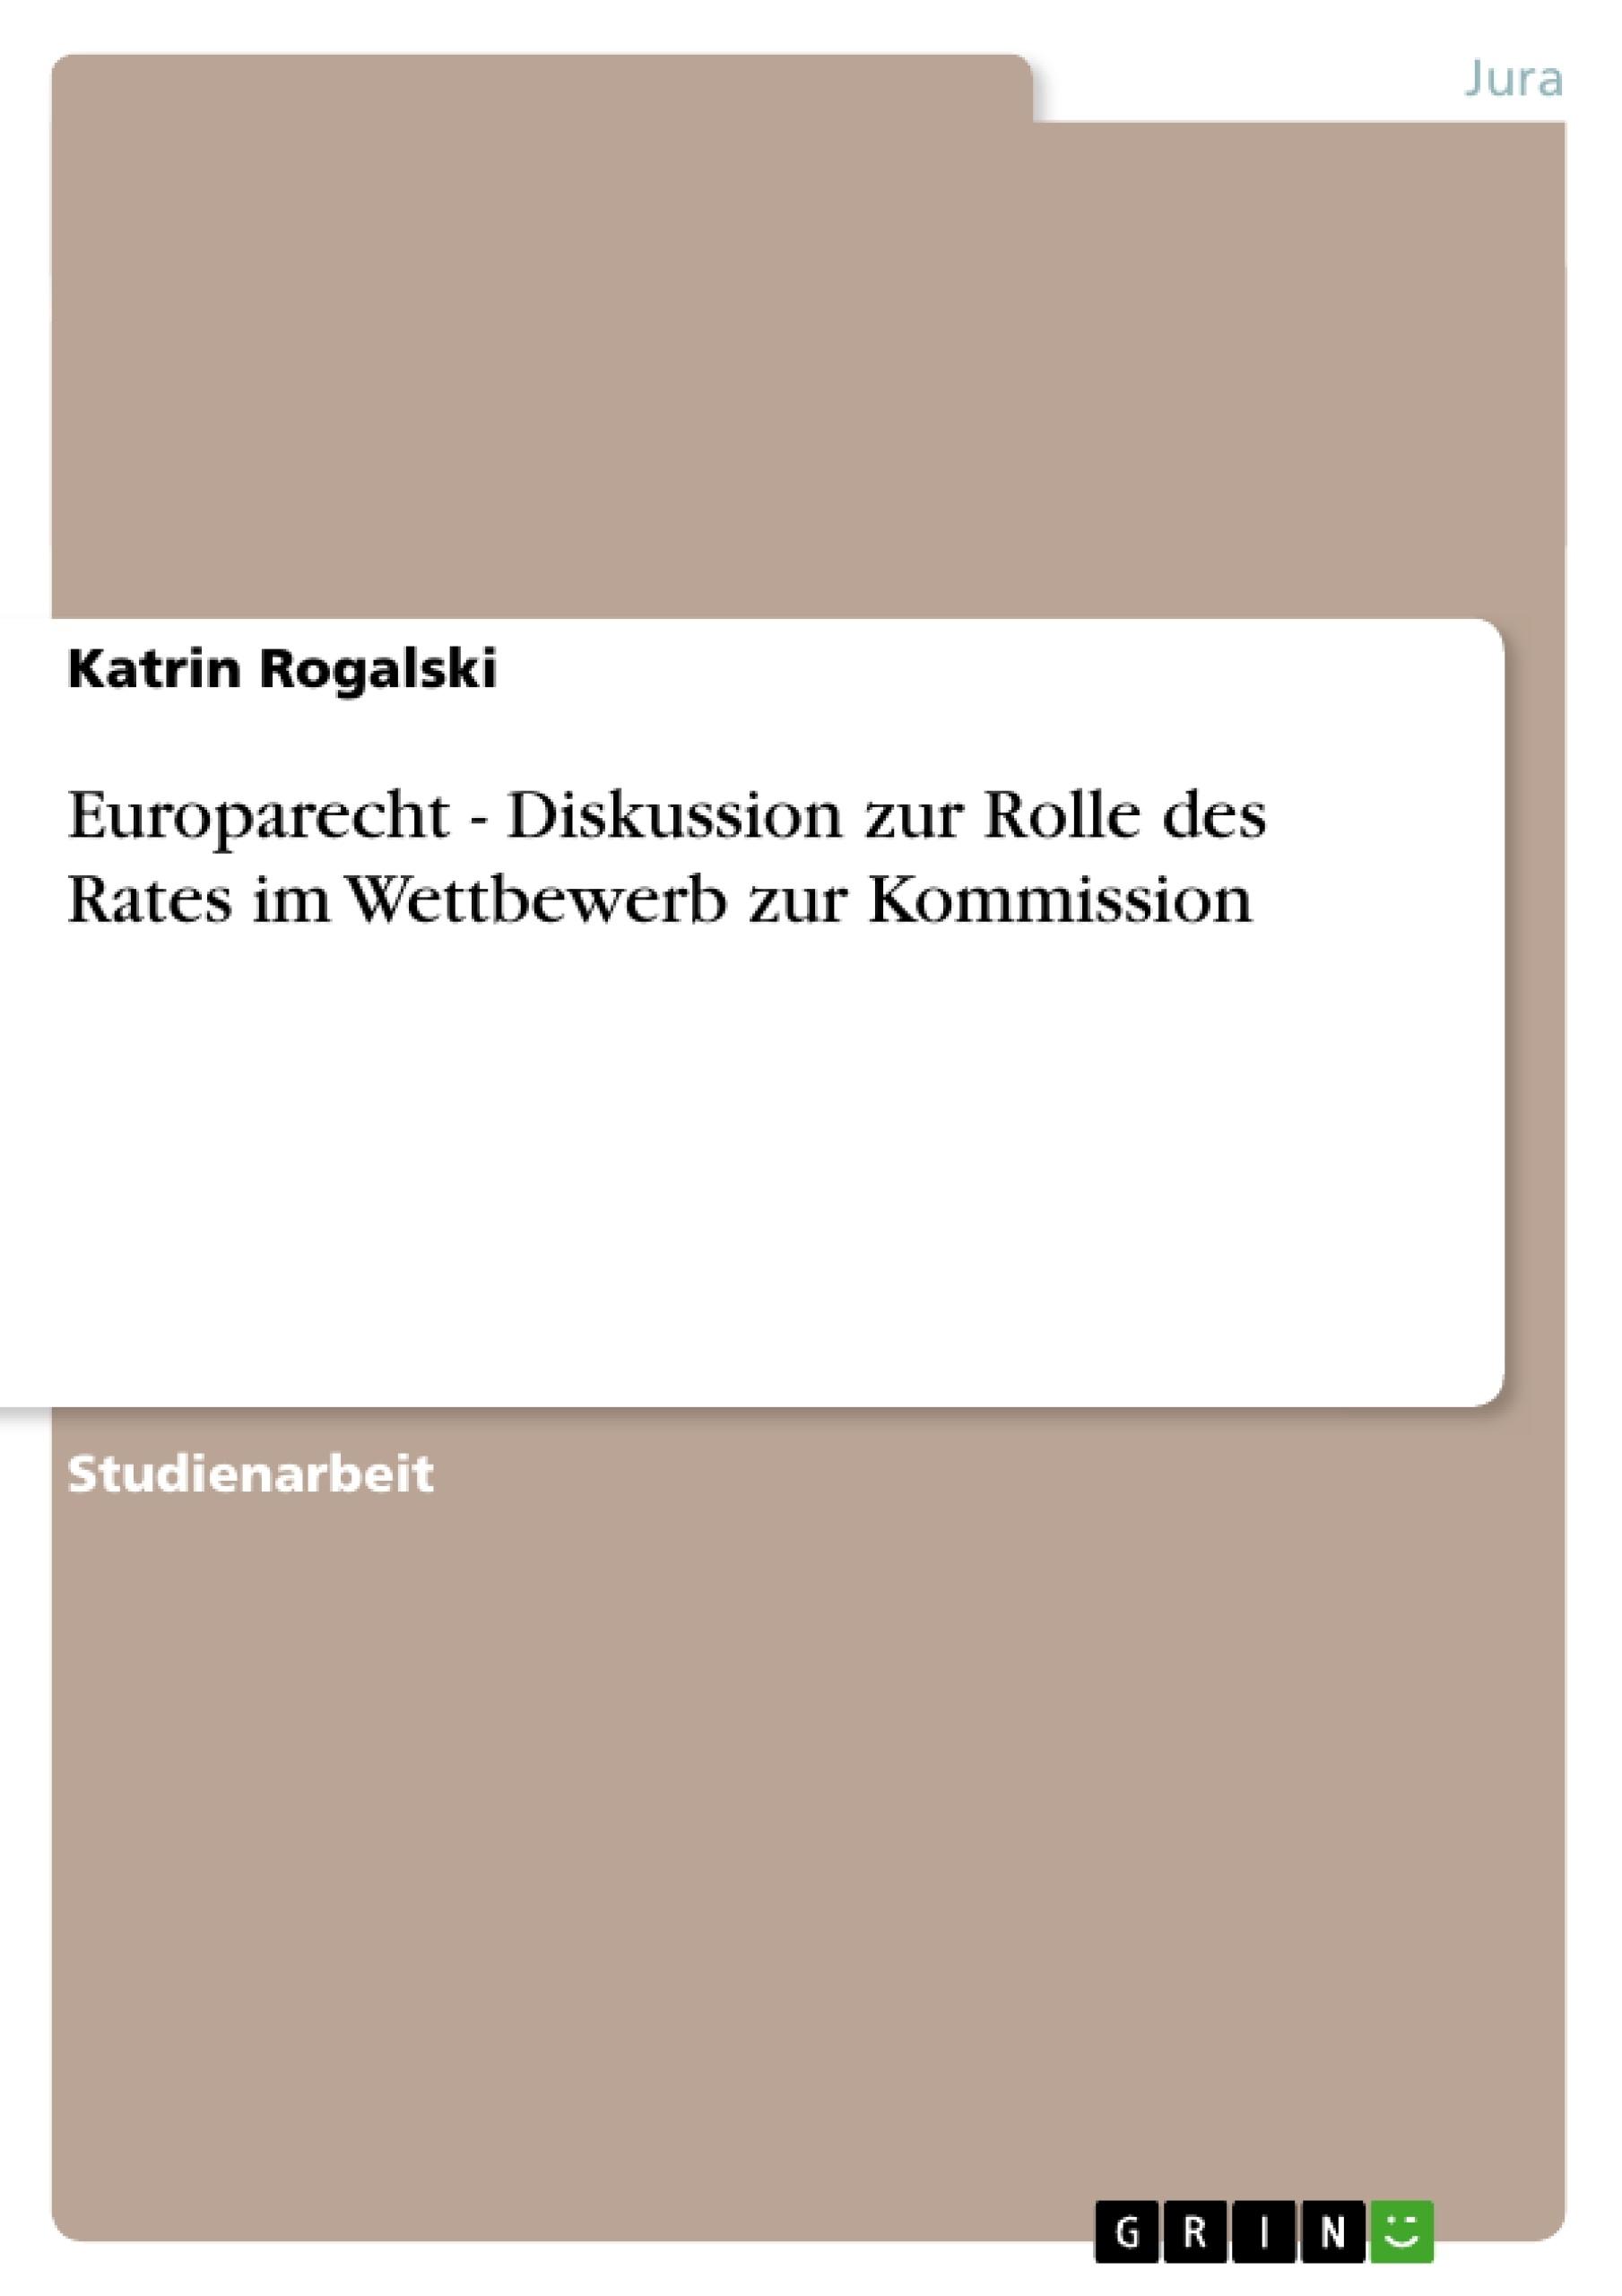 Titel: Europarecht - Diskussion zur Rolle des Rates im Wettbewerb zur Kommission